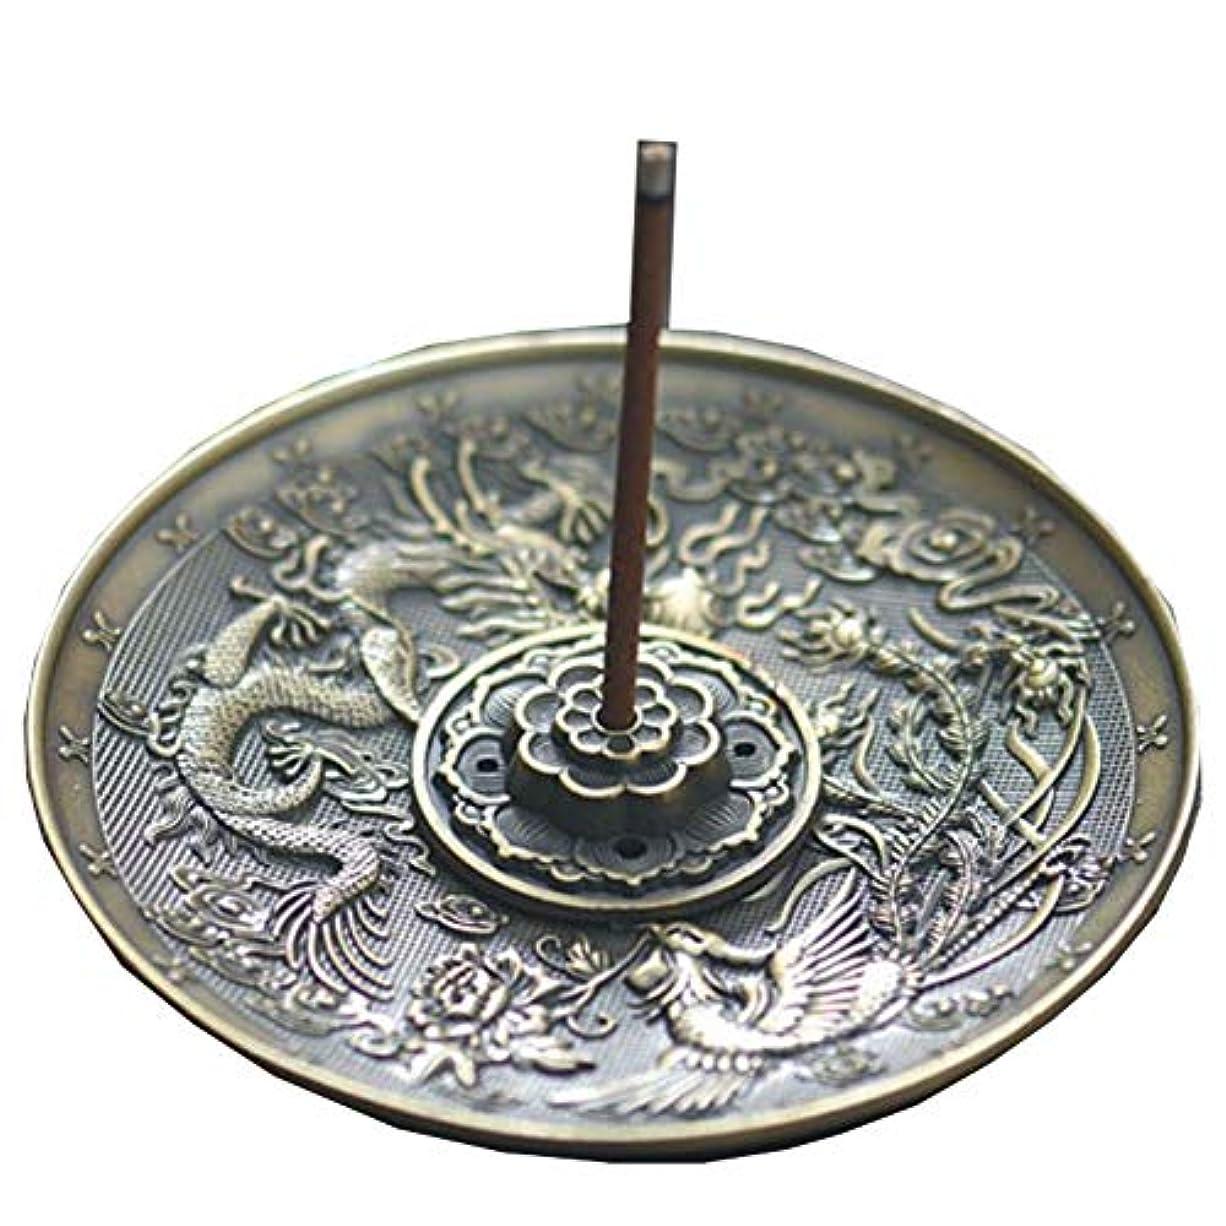 恐れる接ぎ木余暇[RADISSY] お香立て 香炉 香皿 スティック 円錐 タイプ お香 スタンド 龍のデザイン (青銅色5穴)